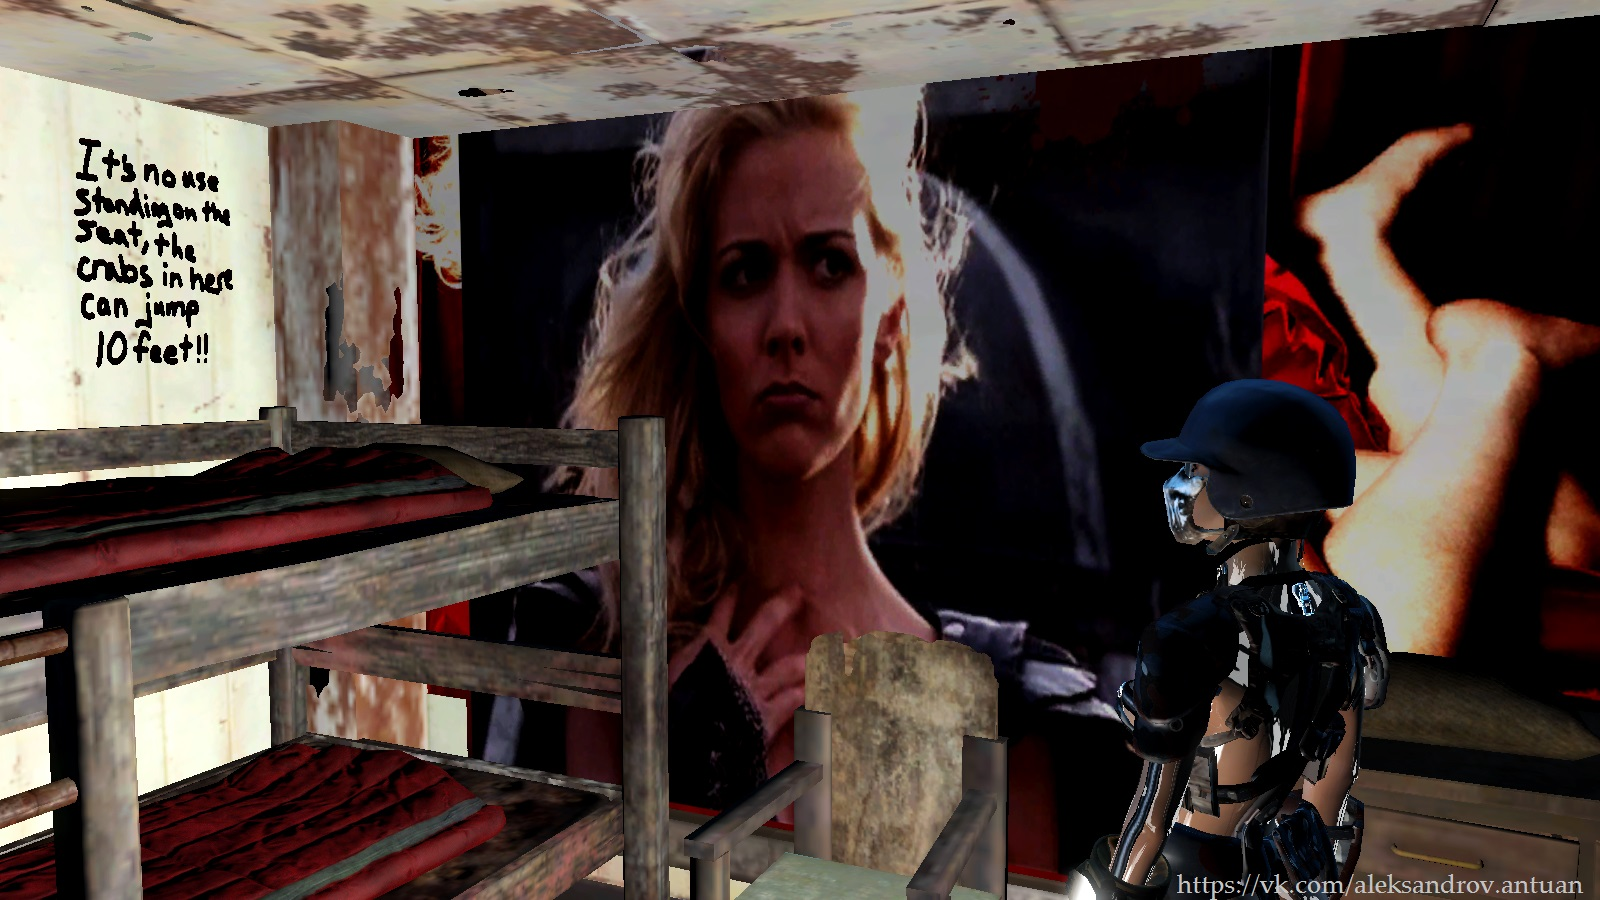 Светёлка типичного Поселенца. - Fallout 4 Hudson Leick, Thematic and Practical, Zipsuit, Бейсбольный шлем, двухъярусная кровать, картина, Костюм-молния, Хадсон Лейк